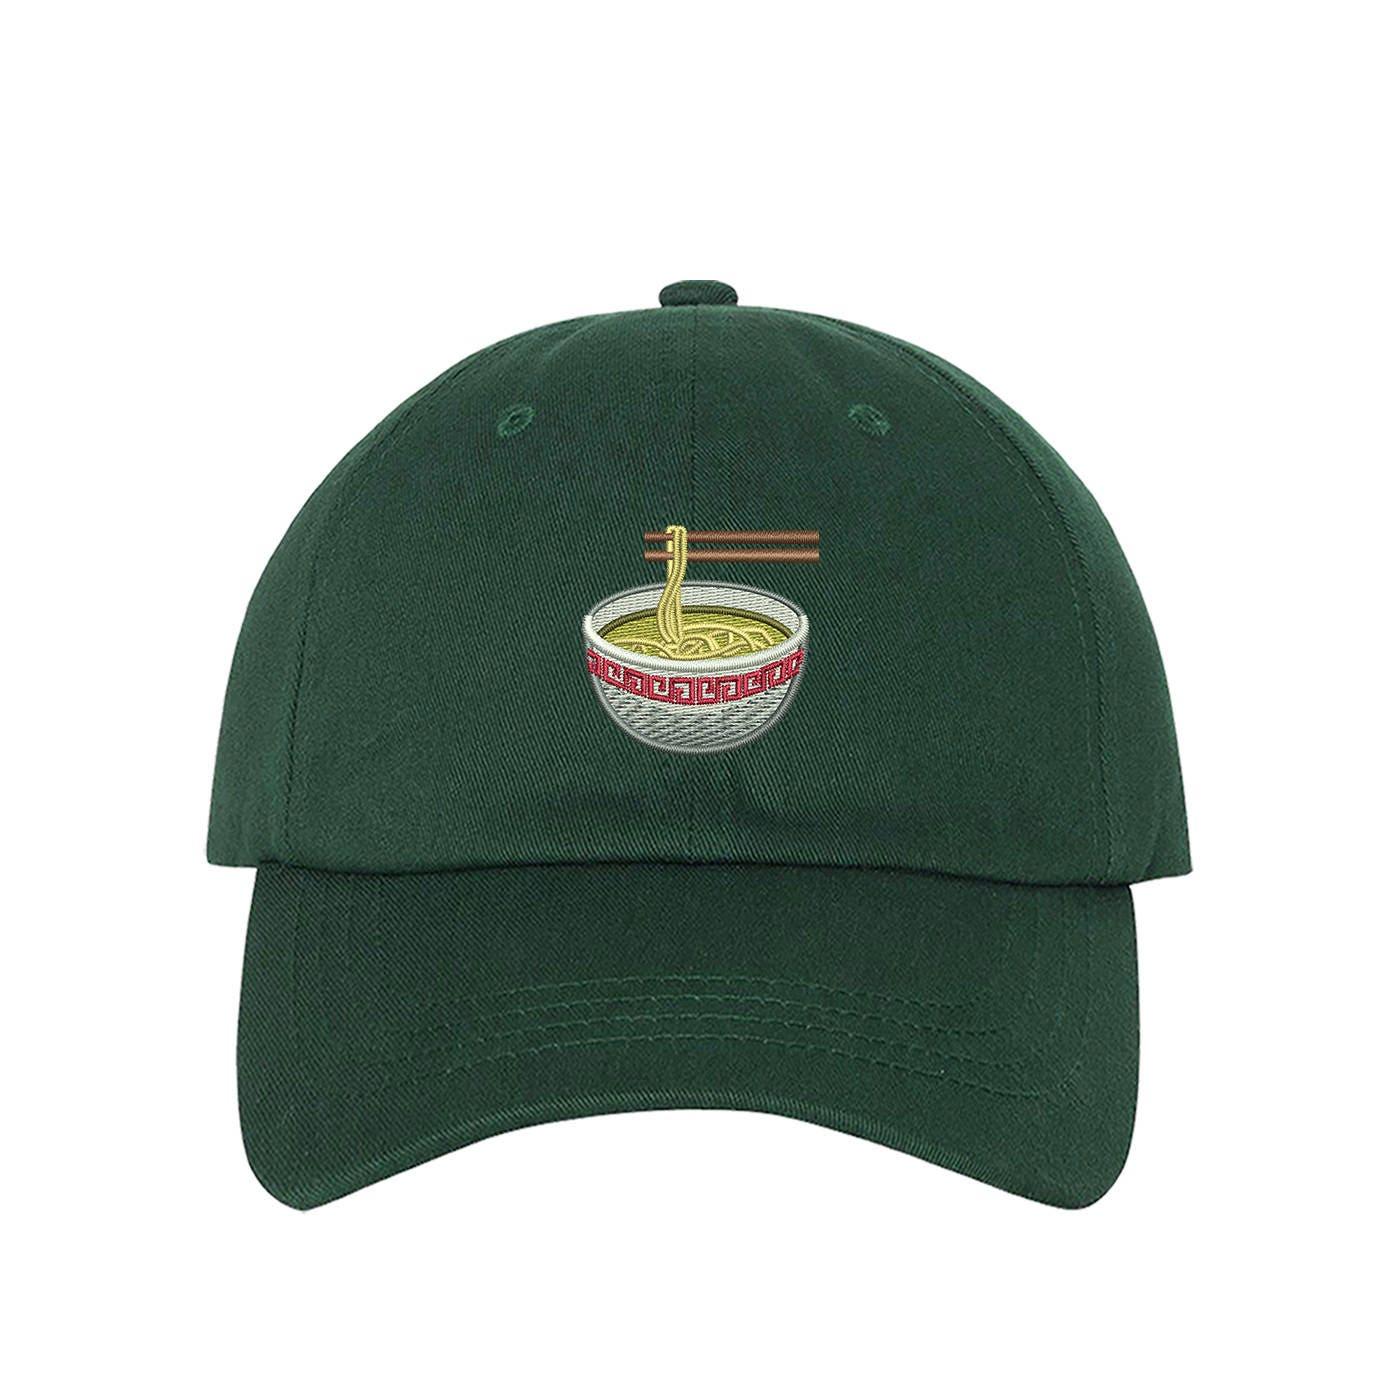 RAMEN Hats Ramen Bowl Cap Noodle Bowl Hat Noodles Dad Hats Japanese Noodle  Hat Dad Hats Tumblr 336c8bb7a4d2